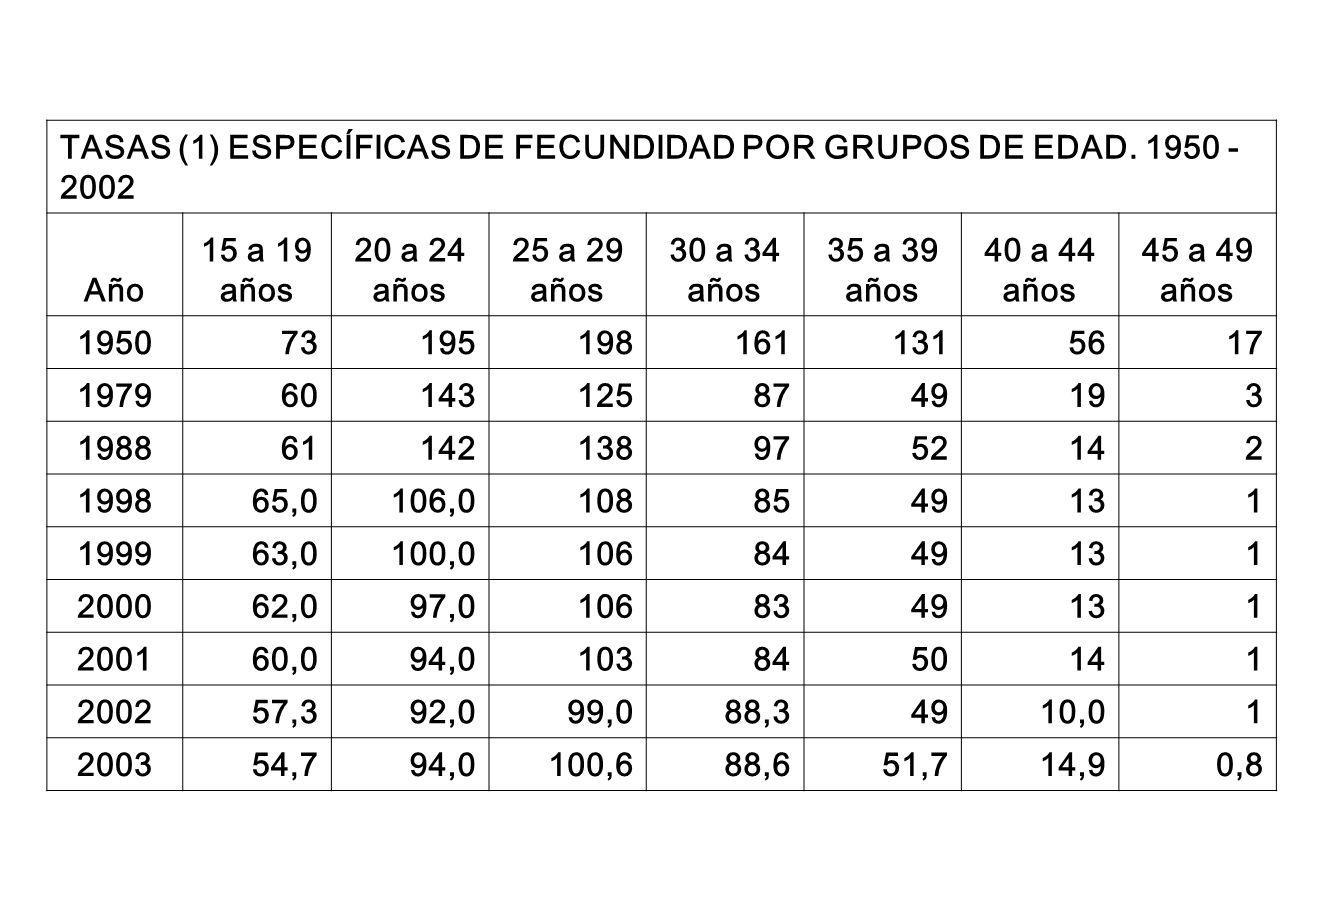 TASAS (1) ESPECÍFICAS DE FECUNDIDAD POR GRUPOS DE EDAD. 1950 - 2002 Año 15 a 19 años 20 a 24 años 25 a 29 años 30 a 34 años 35 a 39 años 40 a 44 años